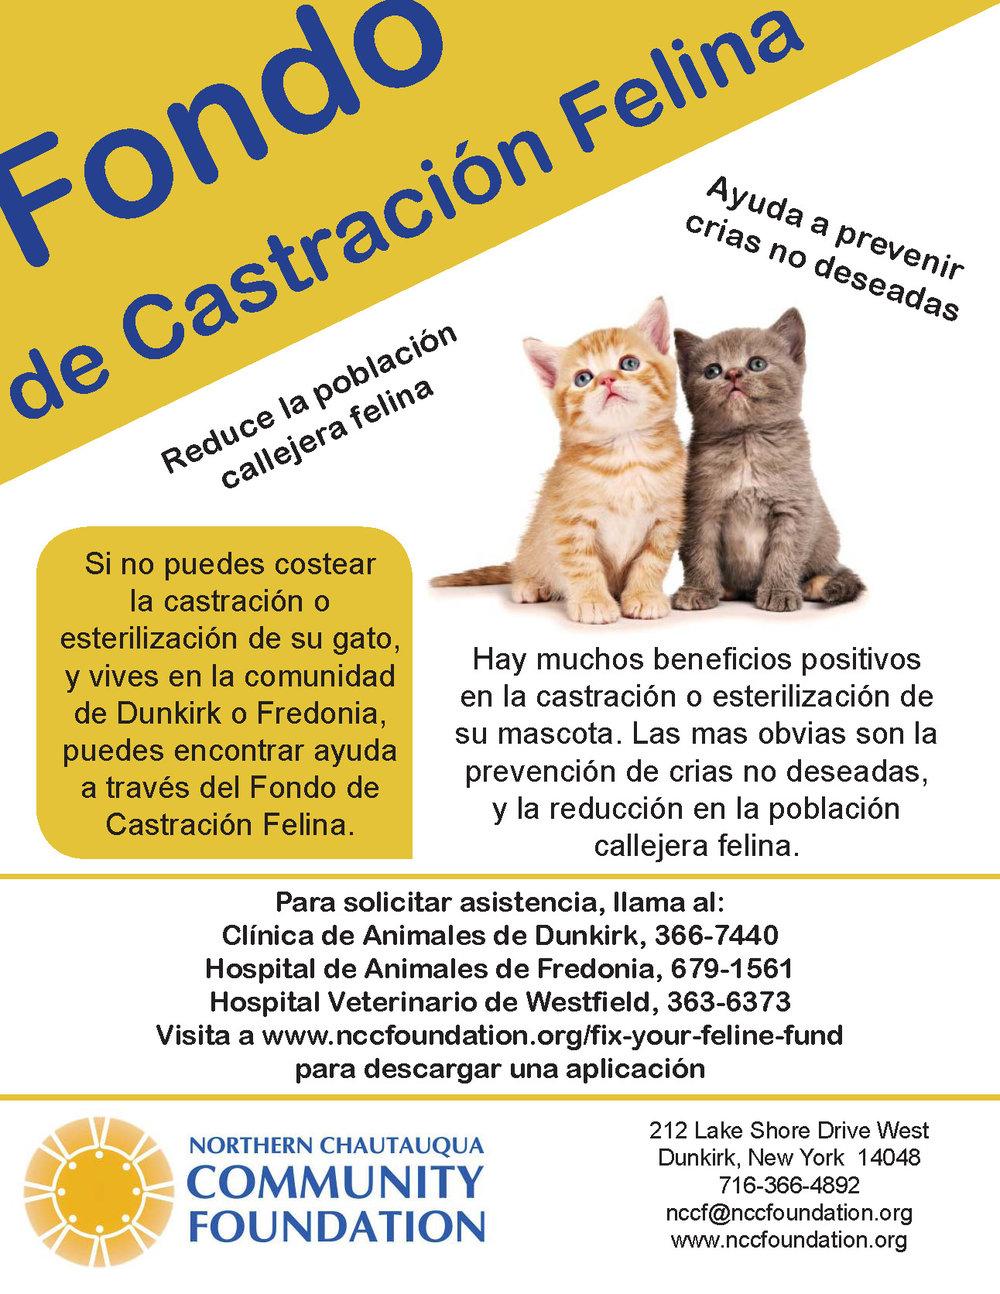 poster spanish 7-31-17.jpg